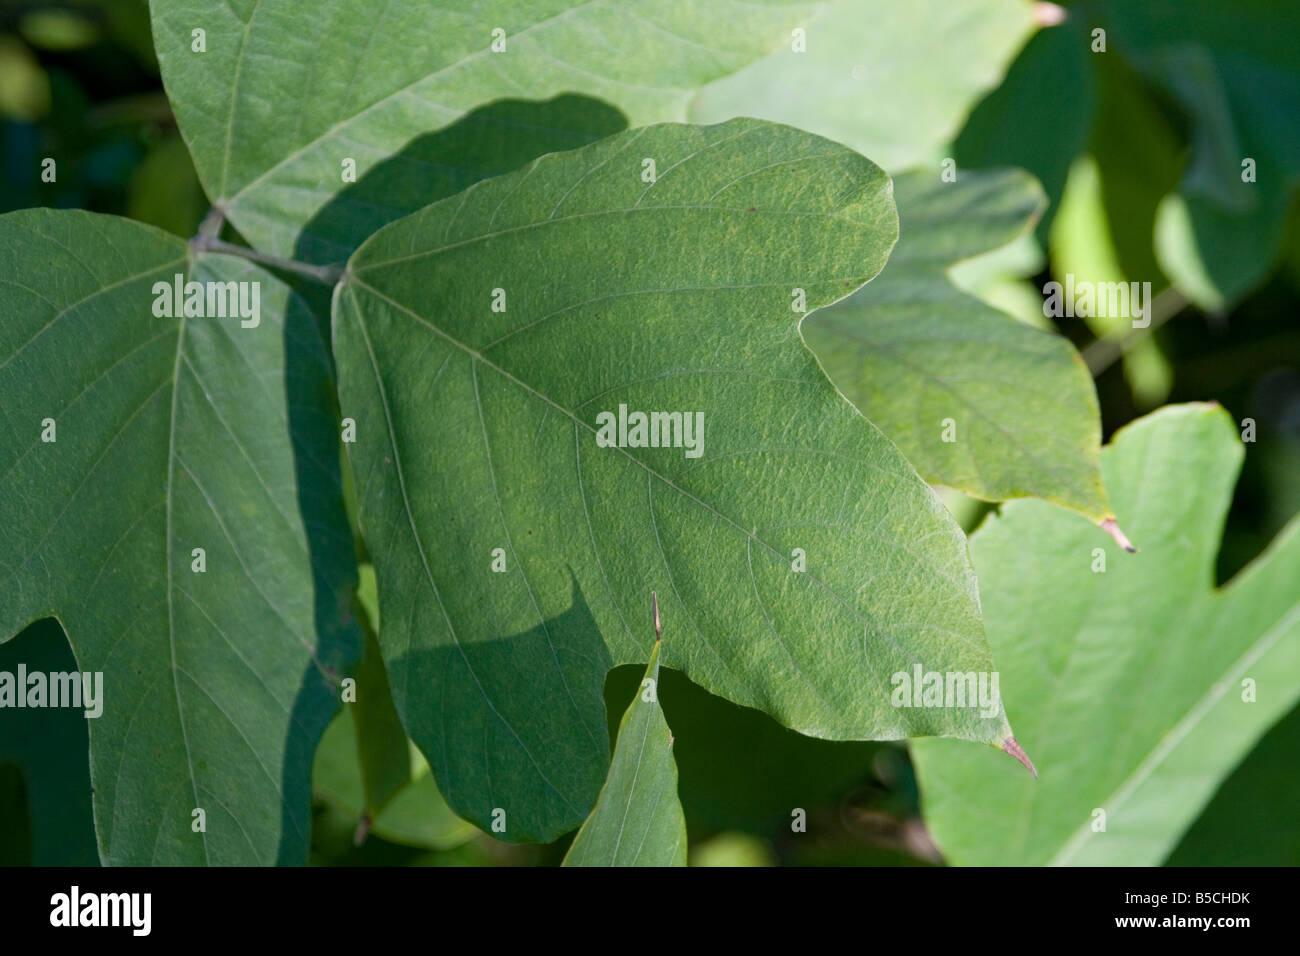 Lama Axil clorofilla verde foglia picciolo impianto di fotosintesi punta Stipule tree vene vena giallo Immagini Stock